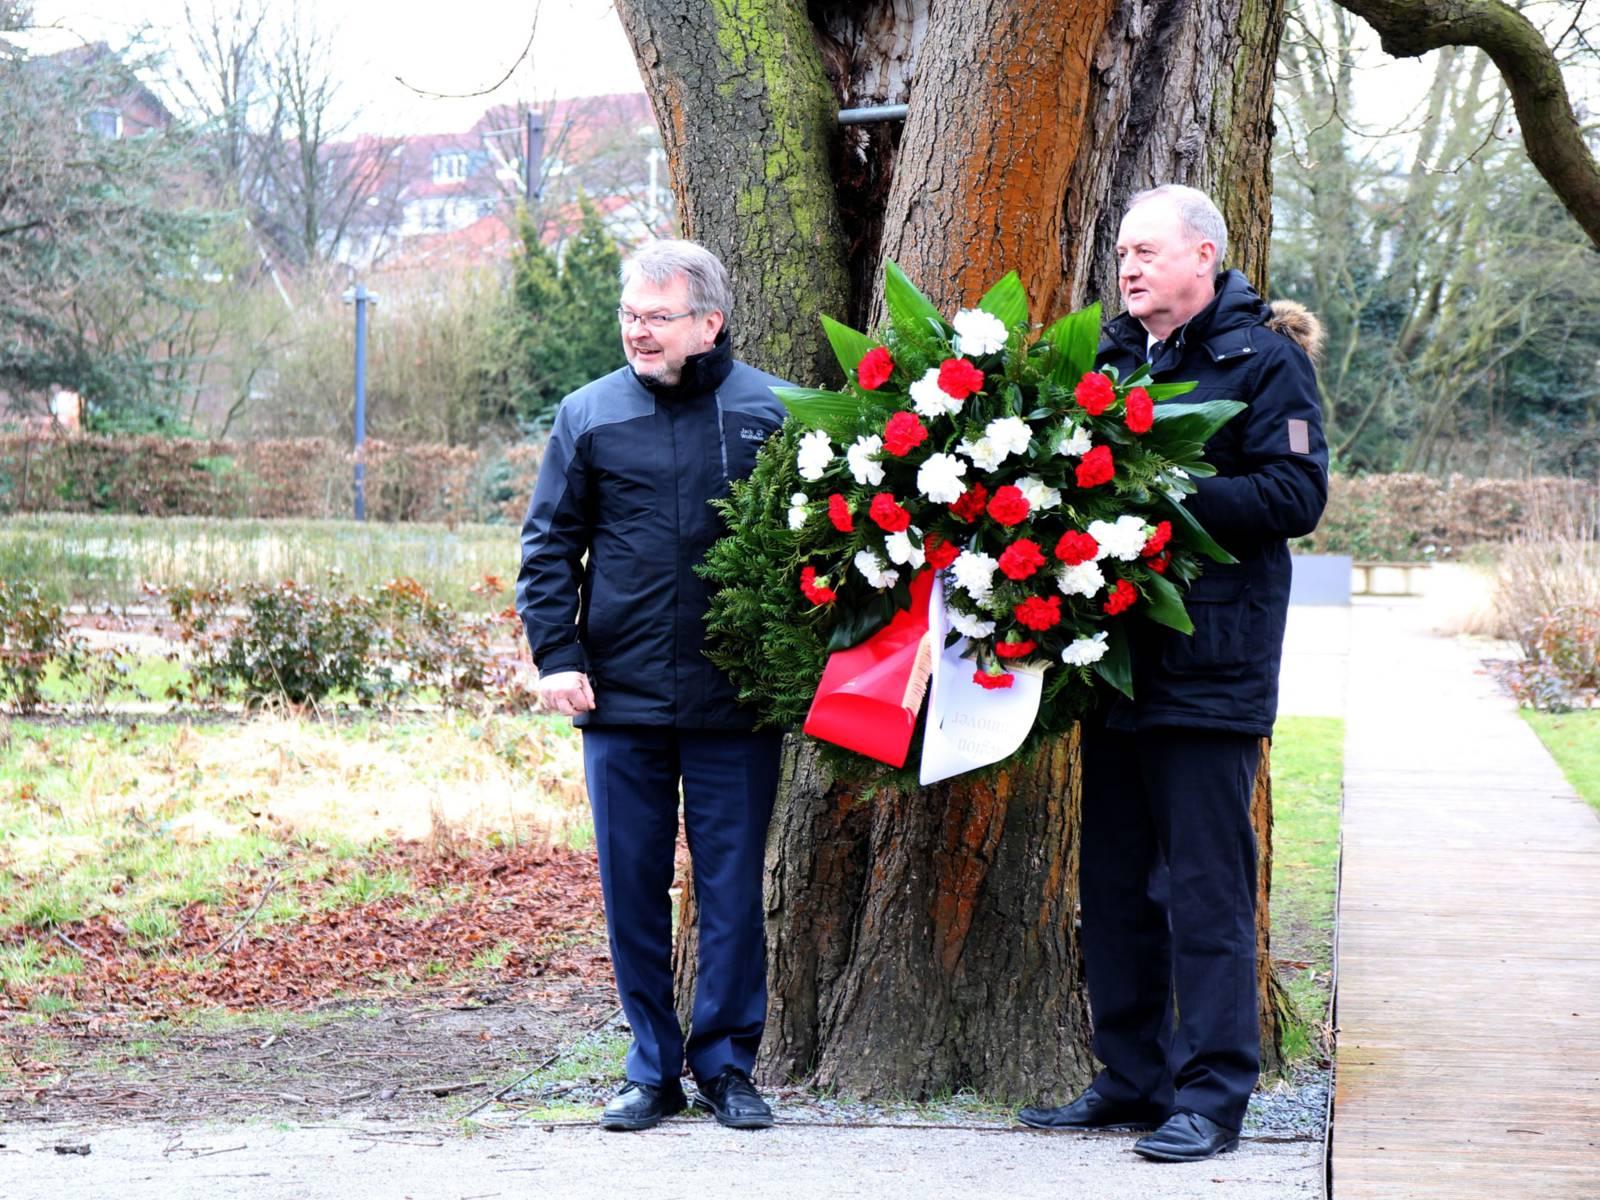 Zwei Männer stehen mit einem Blumenkranz vor einem Baum.